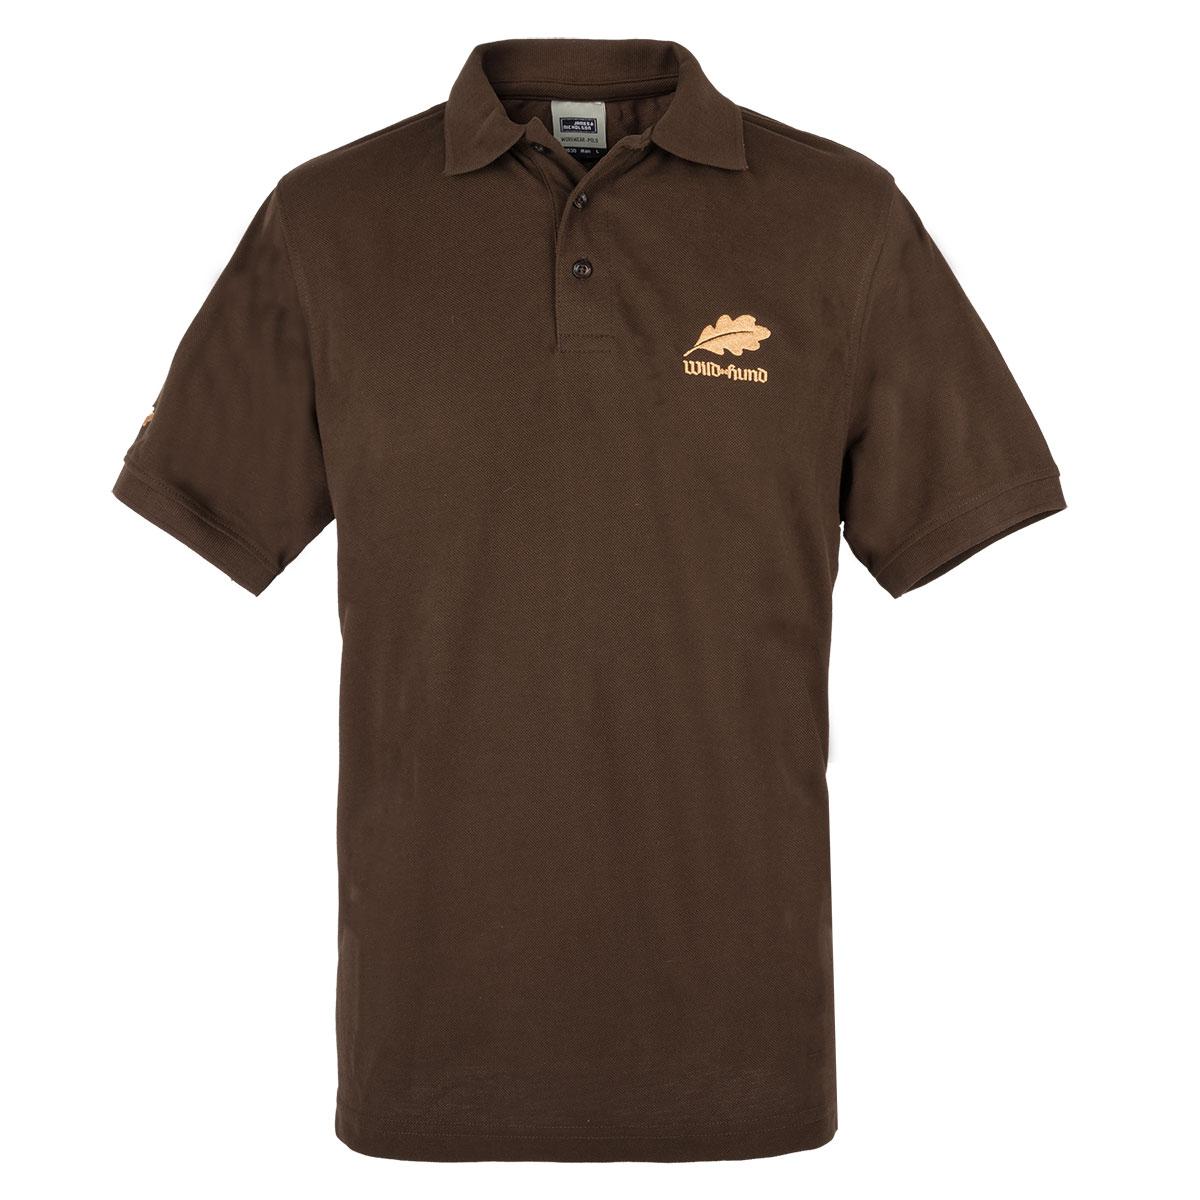 size 40 ccffc 6a8f9 WILD UND HUND Edition: Herren Poloshirt kurzarm